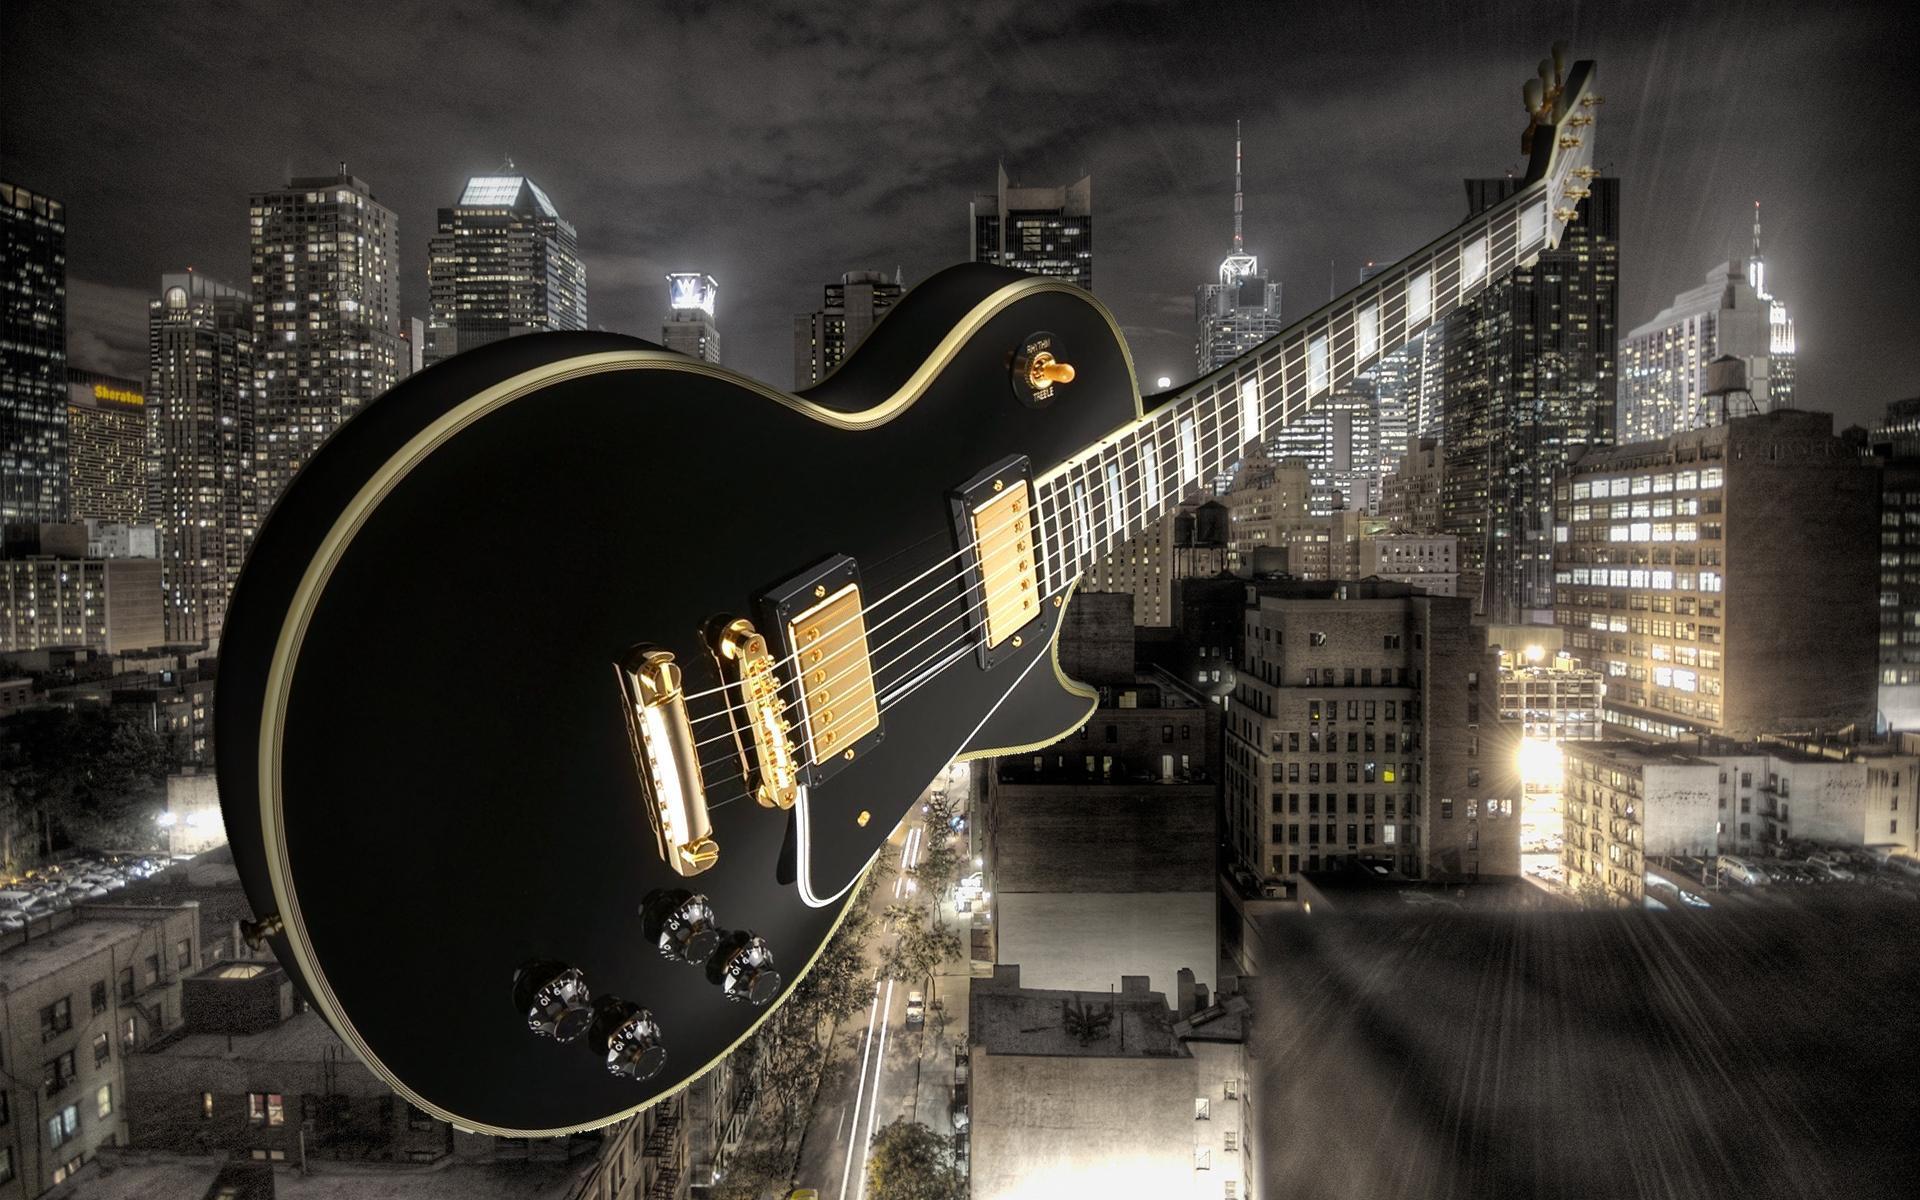 Gitara Oboi Dlya Android Skachat Apk